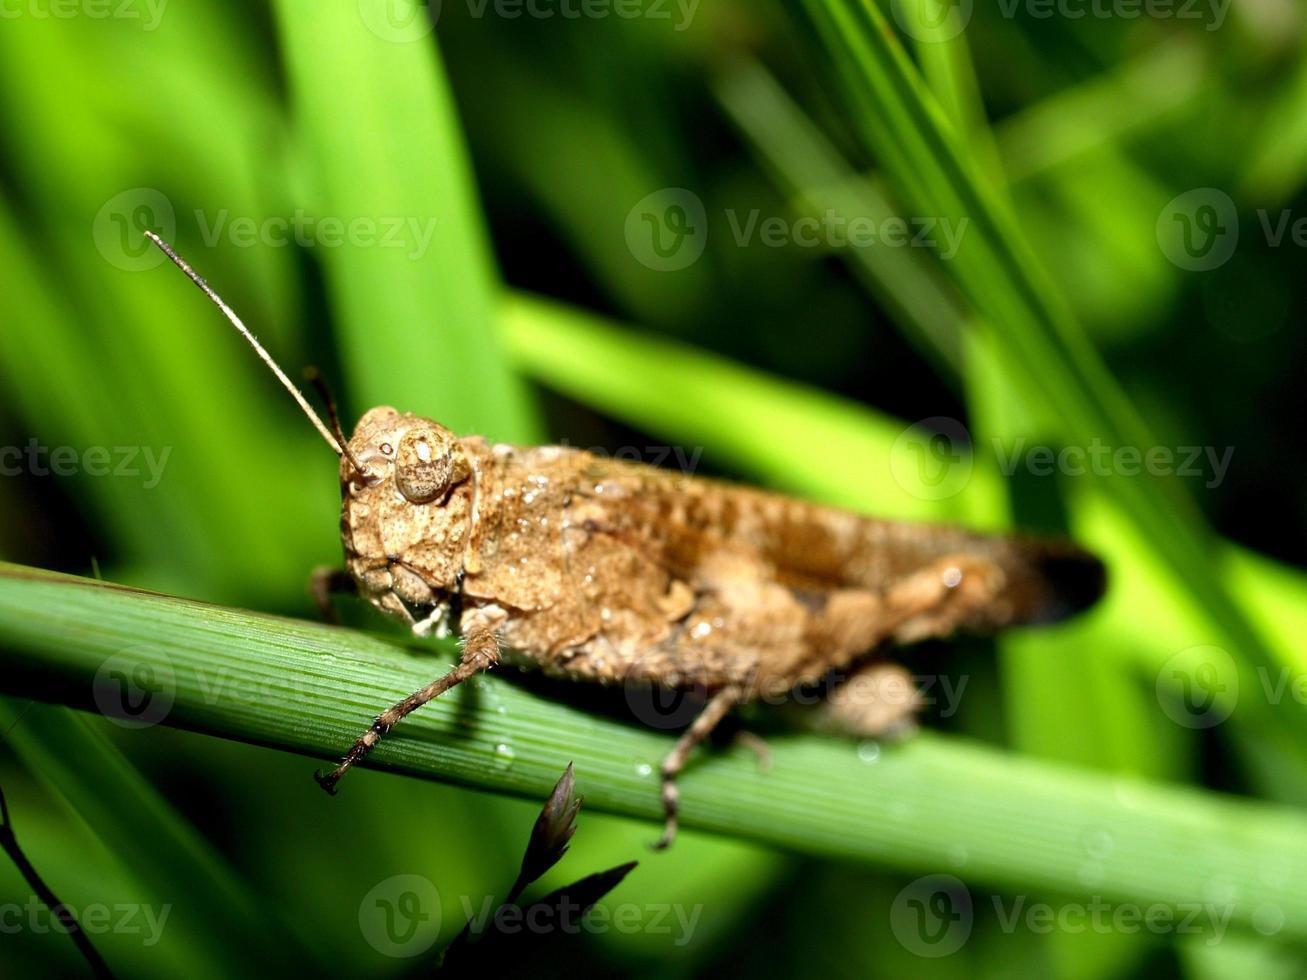 insecte insecte dans la nature photo